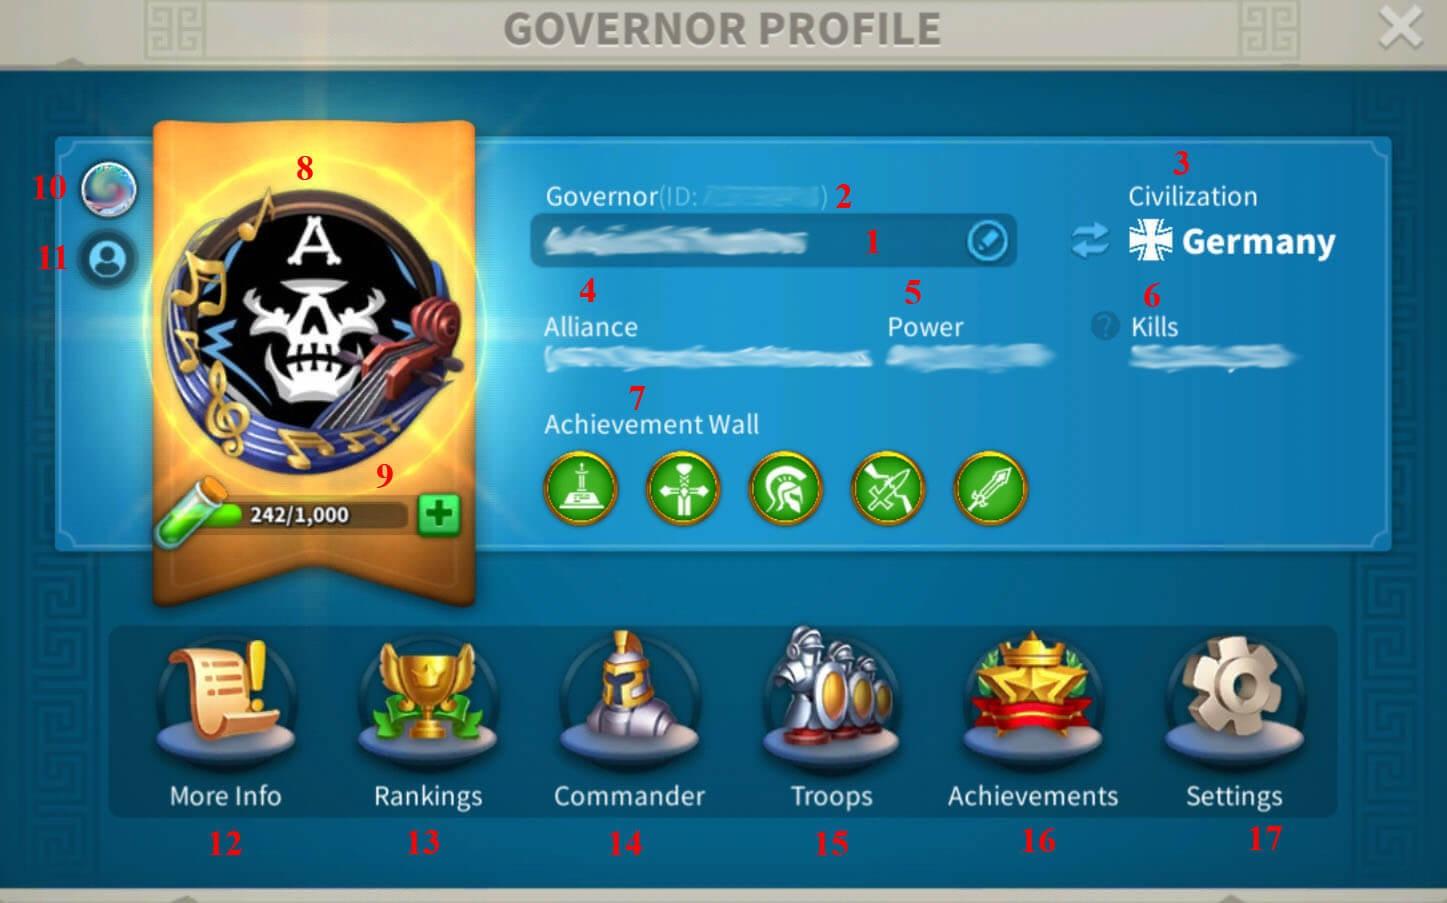 Governor Profile